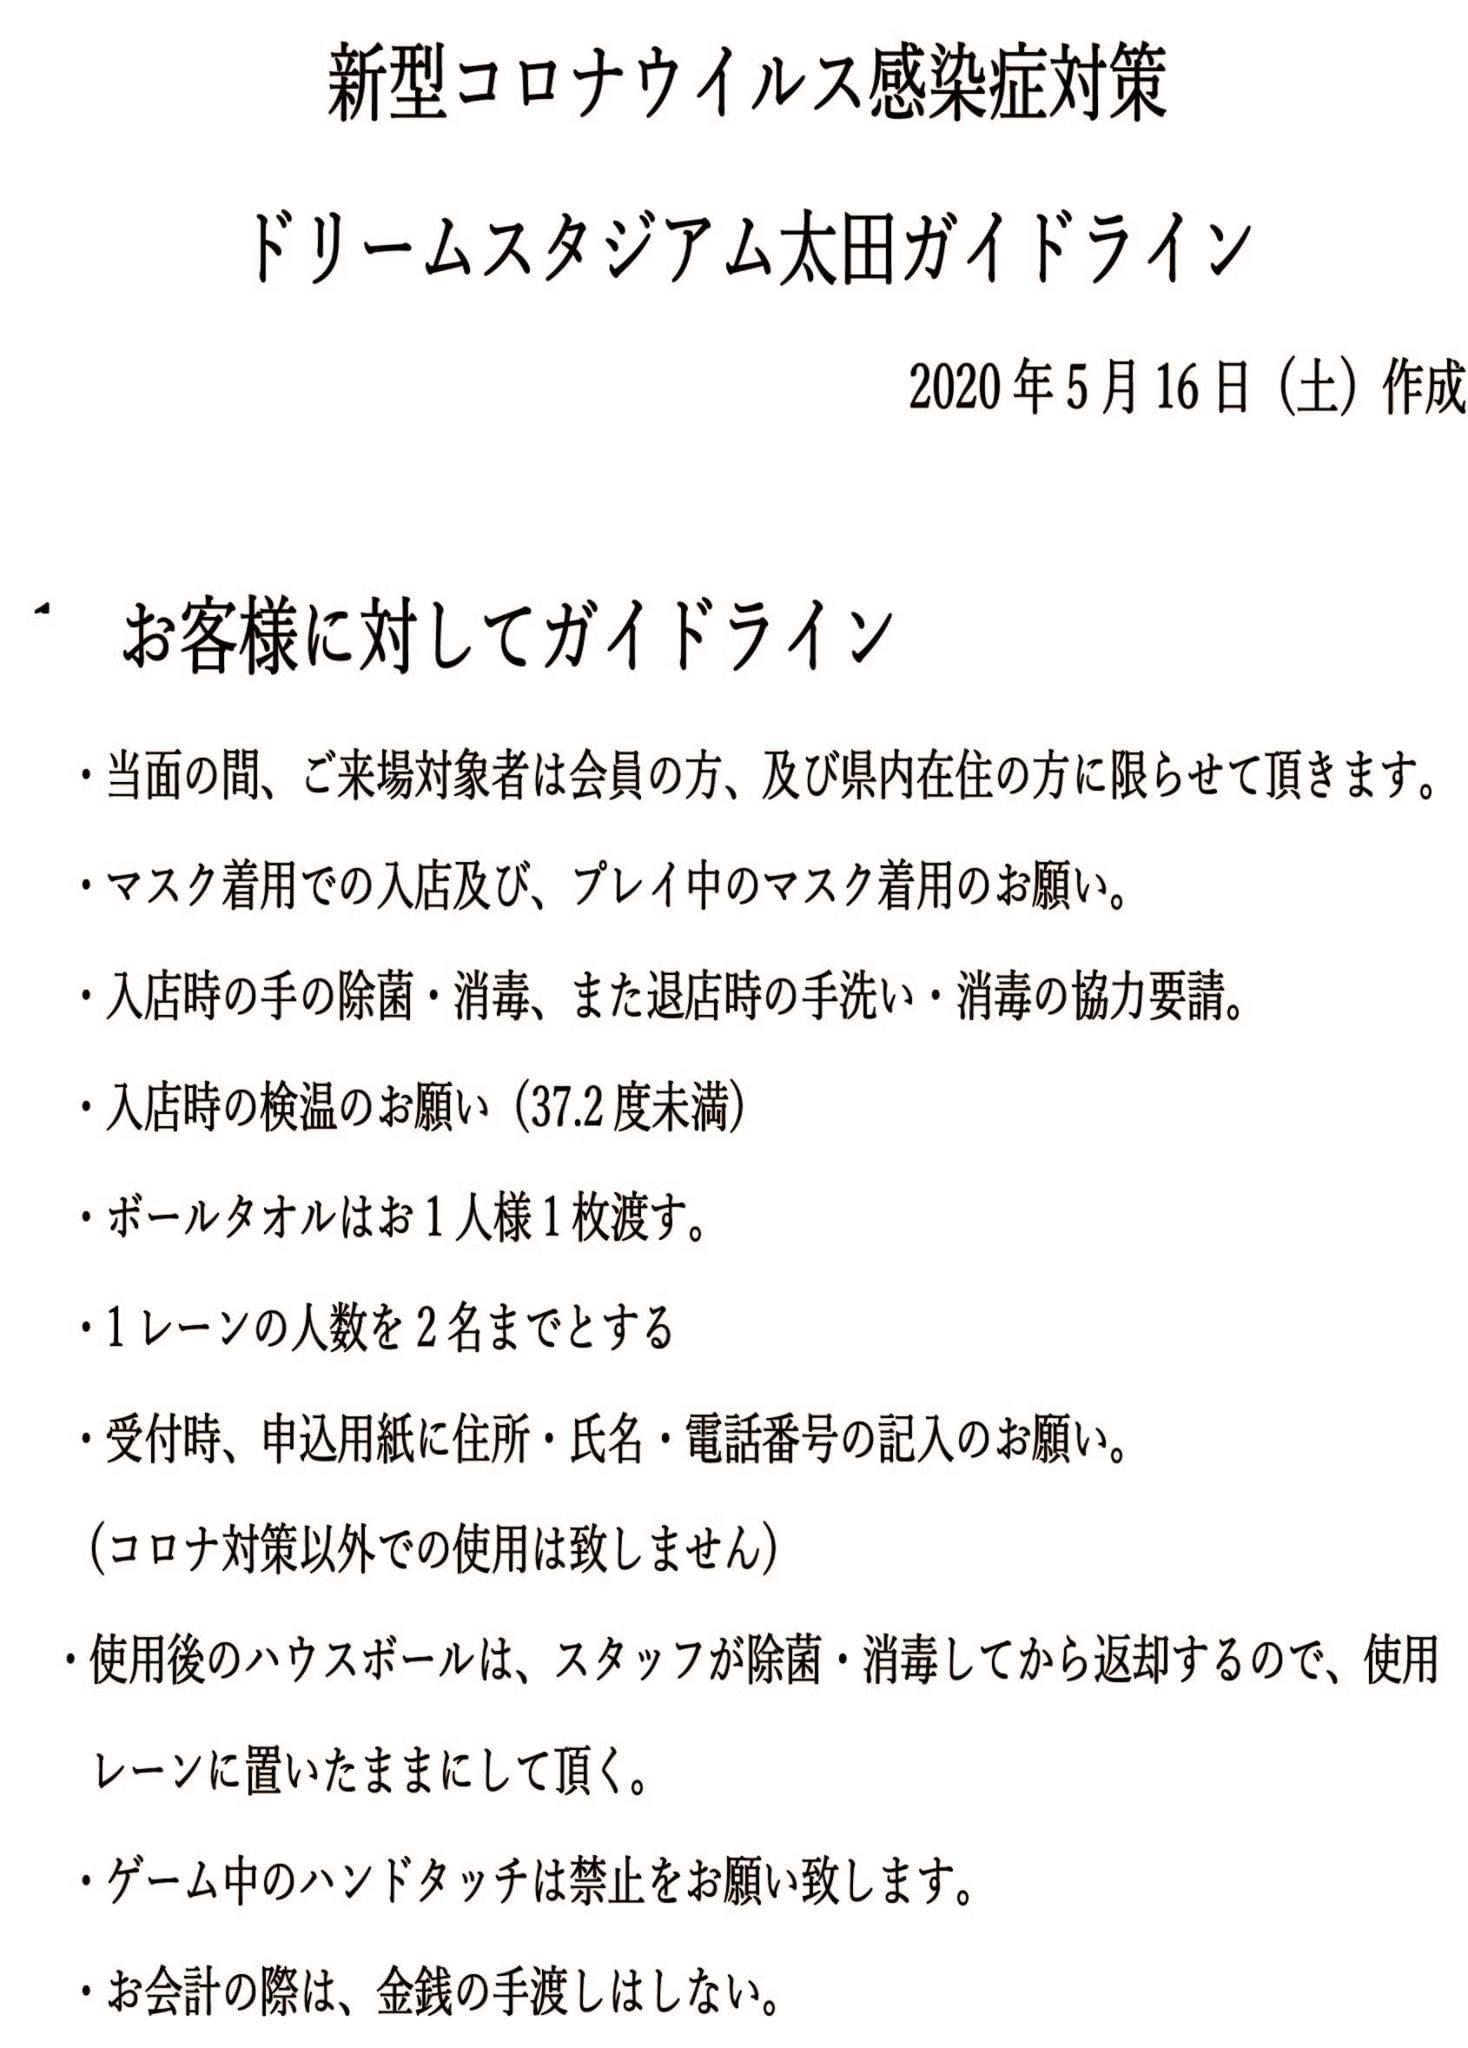 E2F9DCDA-A8BF-4895-A26A-D19D84211E02.jpeg